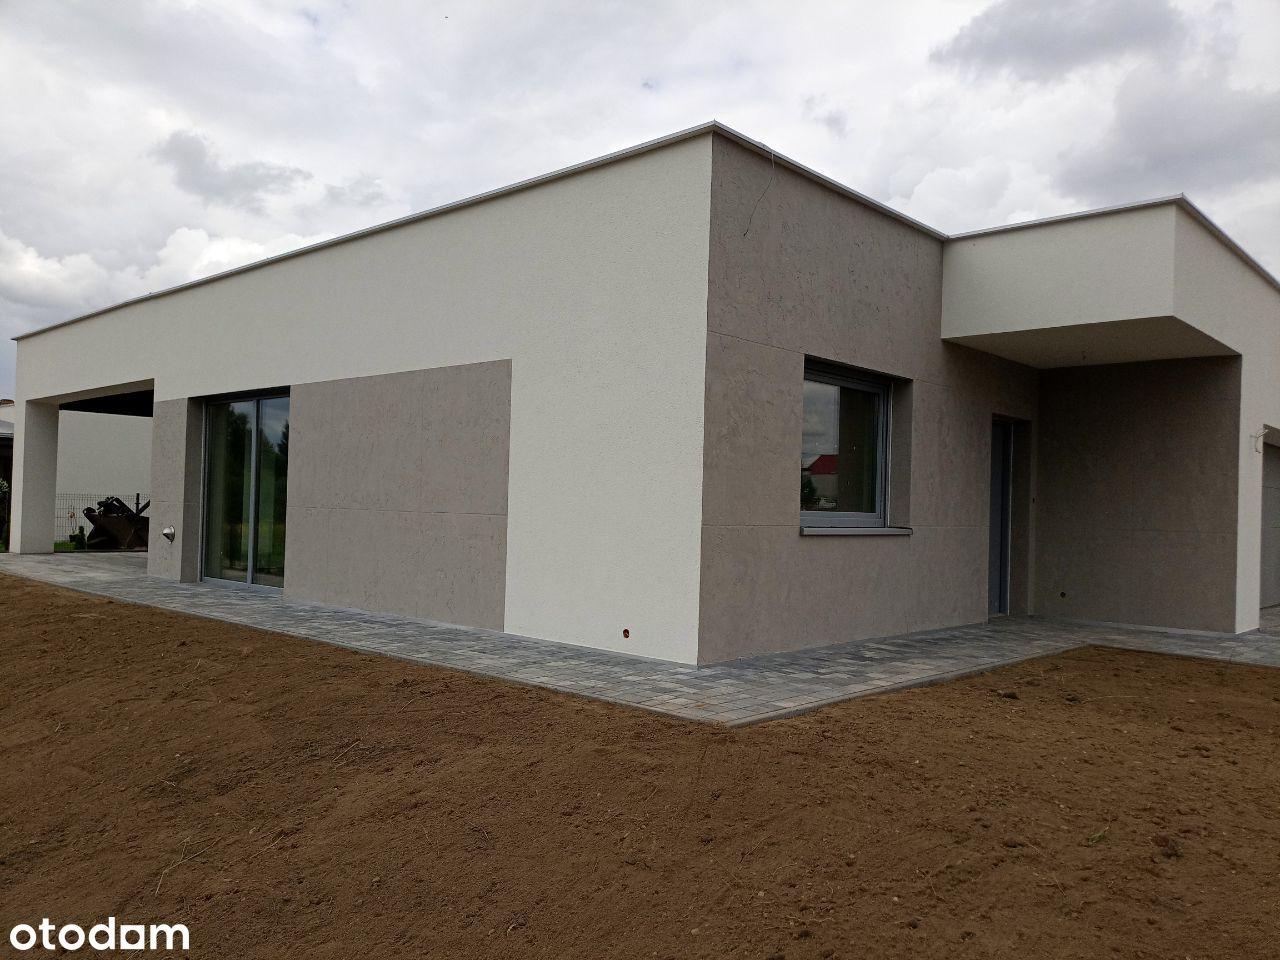 Dom jednorodzinny WYSOKI STANDARD